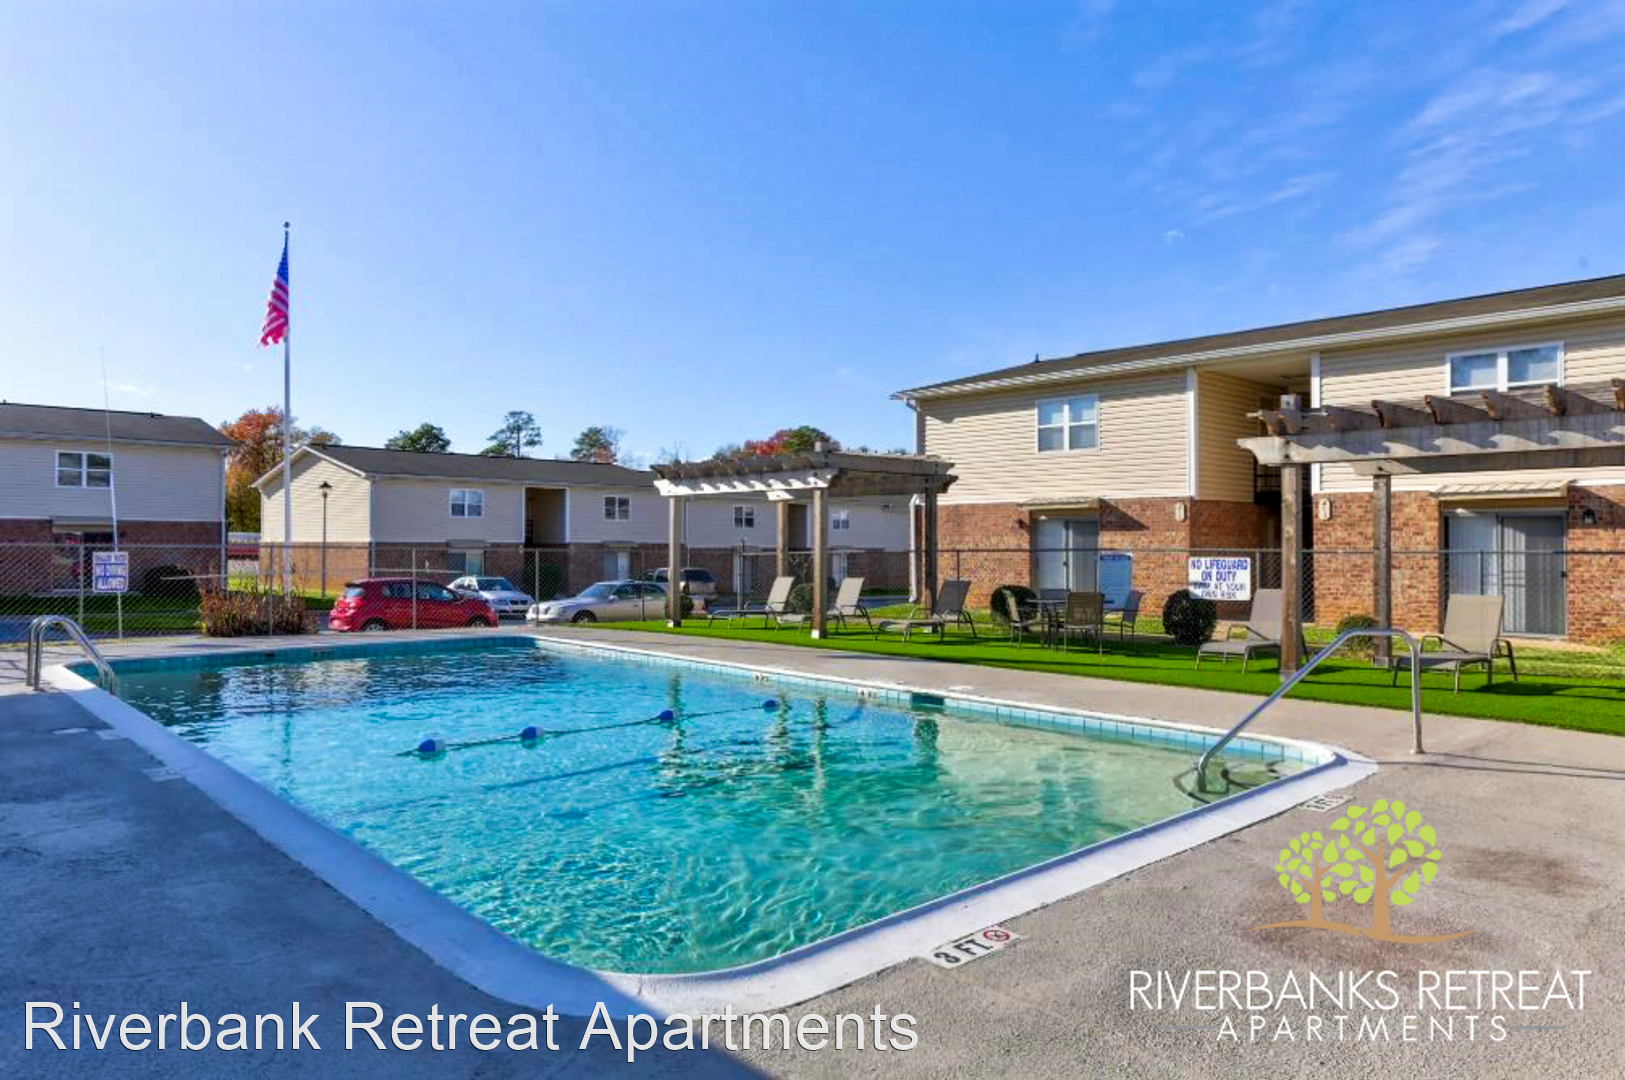 Riverbanks Retreat Apartments 737 Park Place Lane, West Columbia, SC - 799 USD/ month